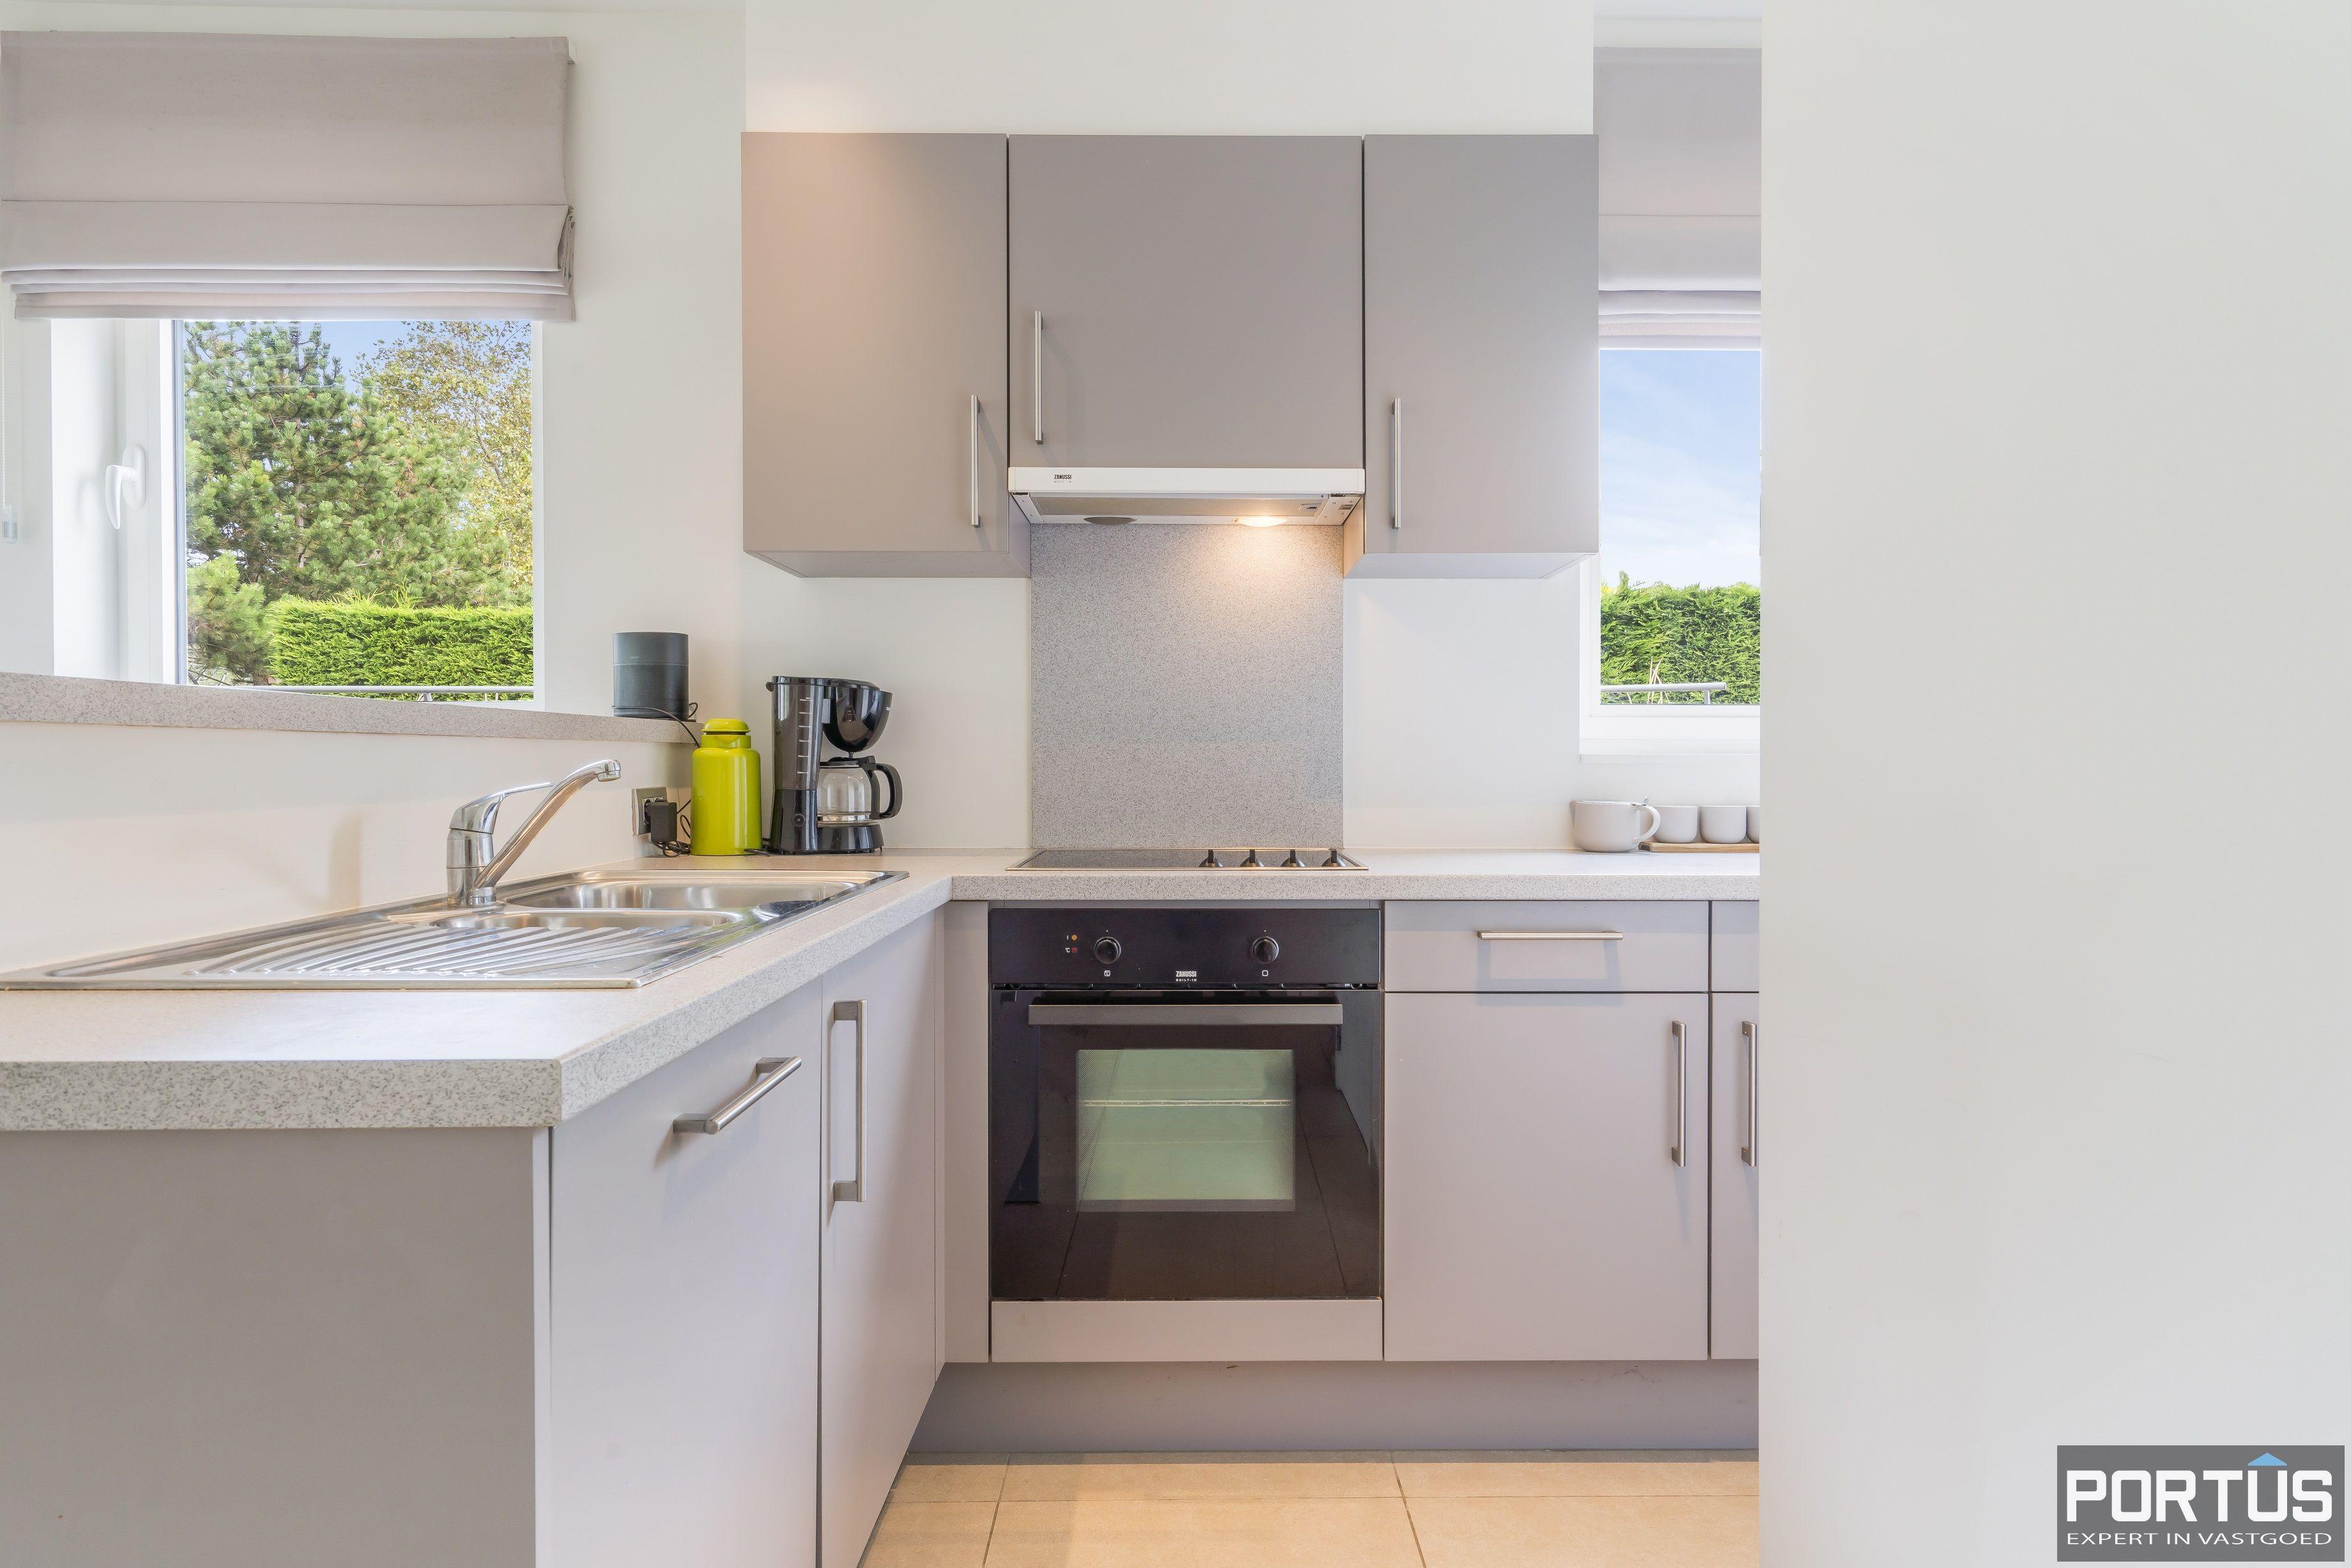 Gelijkvloers appartement met rustige ligging te koop te Oostduinkerke - 13870